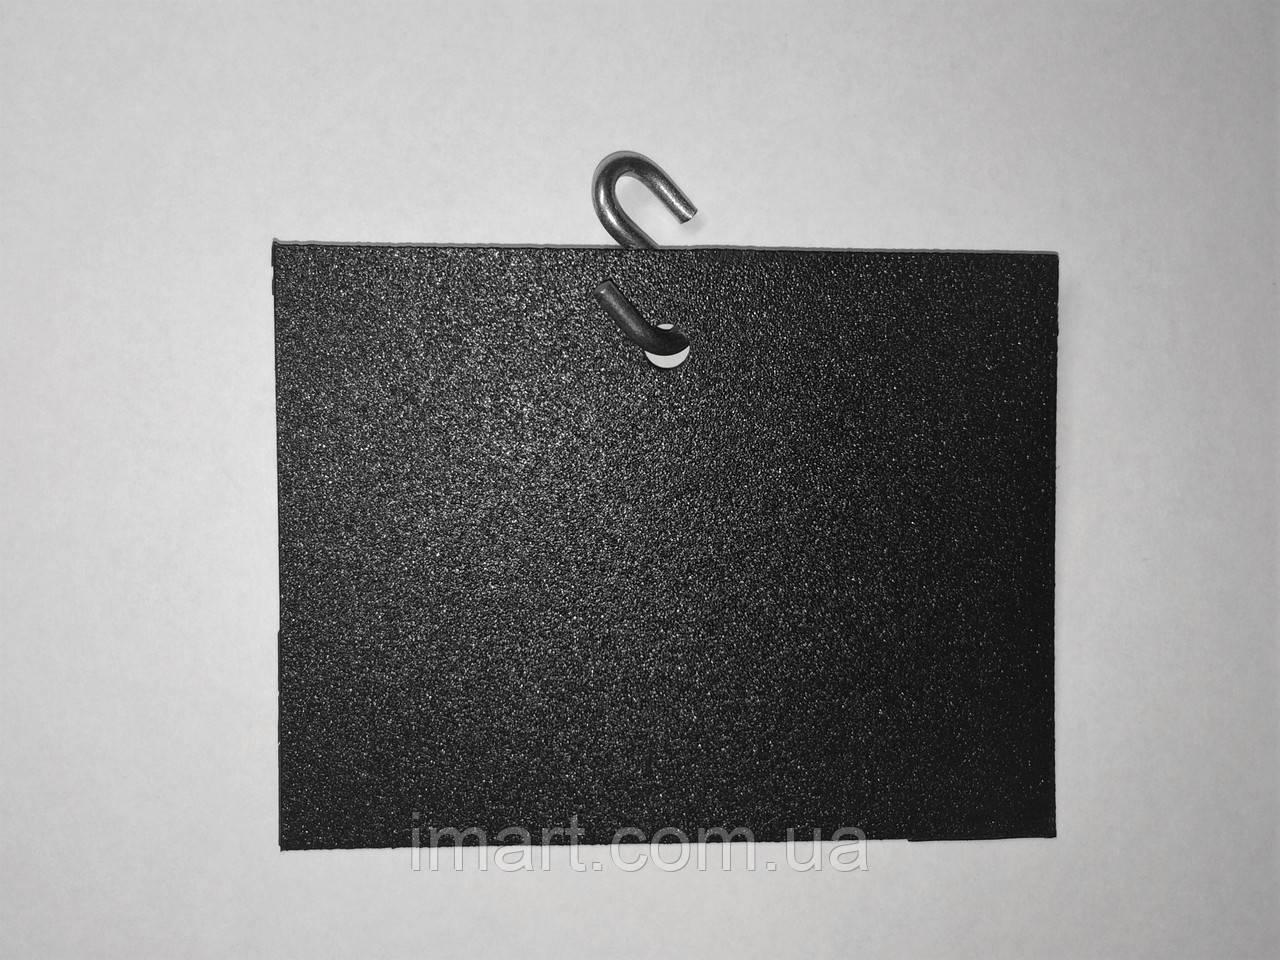 Ценник меловой подвесной с s-образным крючком. Грифельная табличка для мела и мелового маркера. Крейдовий